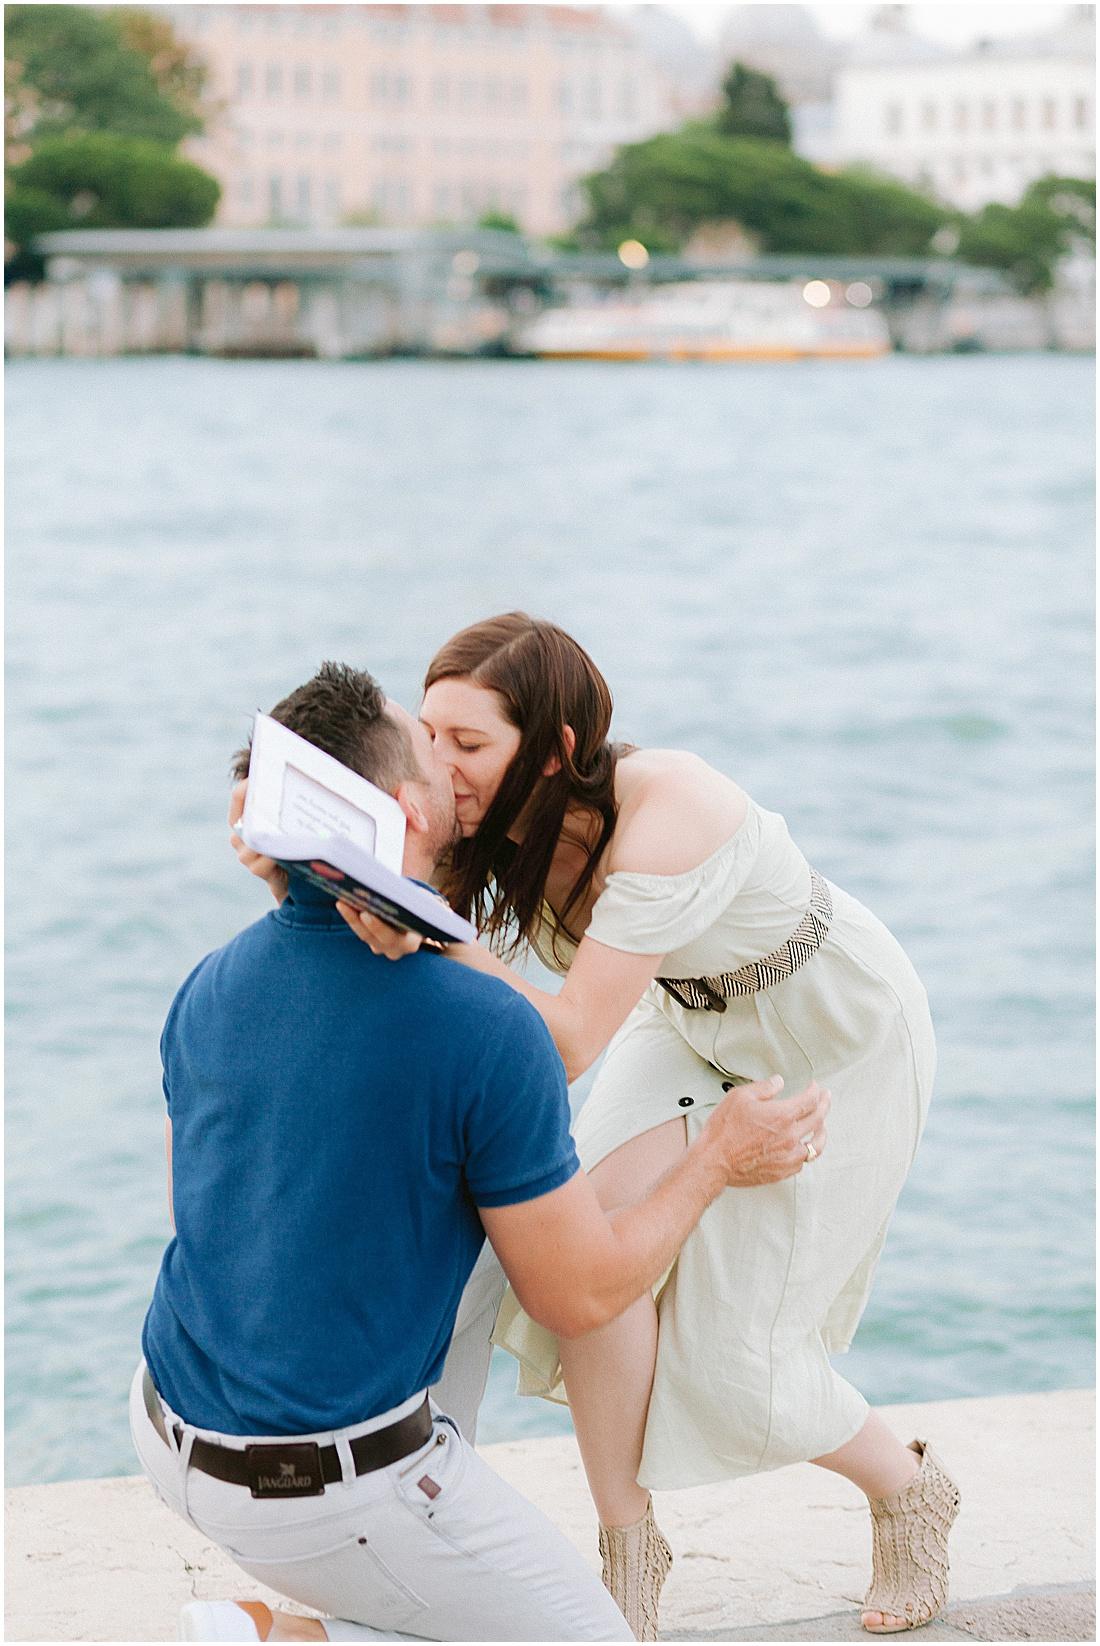 wedding-surprise-proposal-photographer-venice-gondola-sunset-stefano-degirmenci_0367.jpg